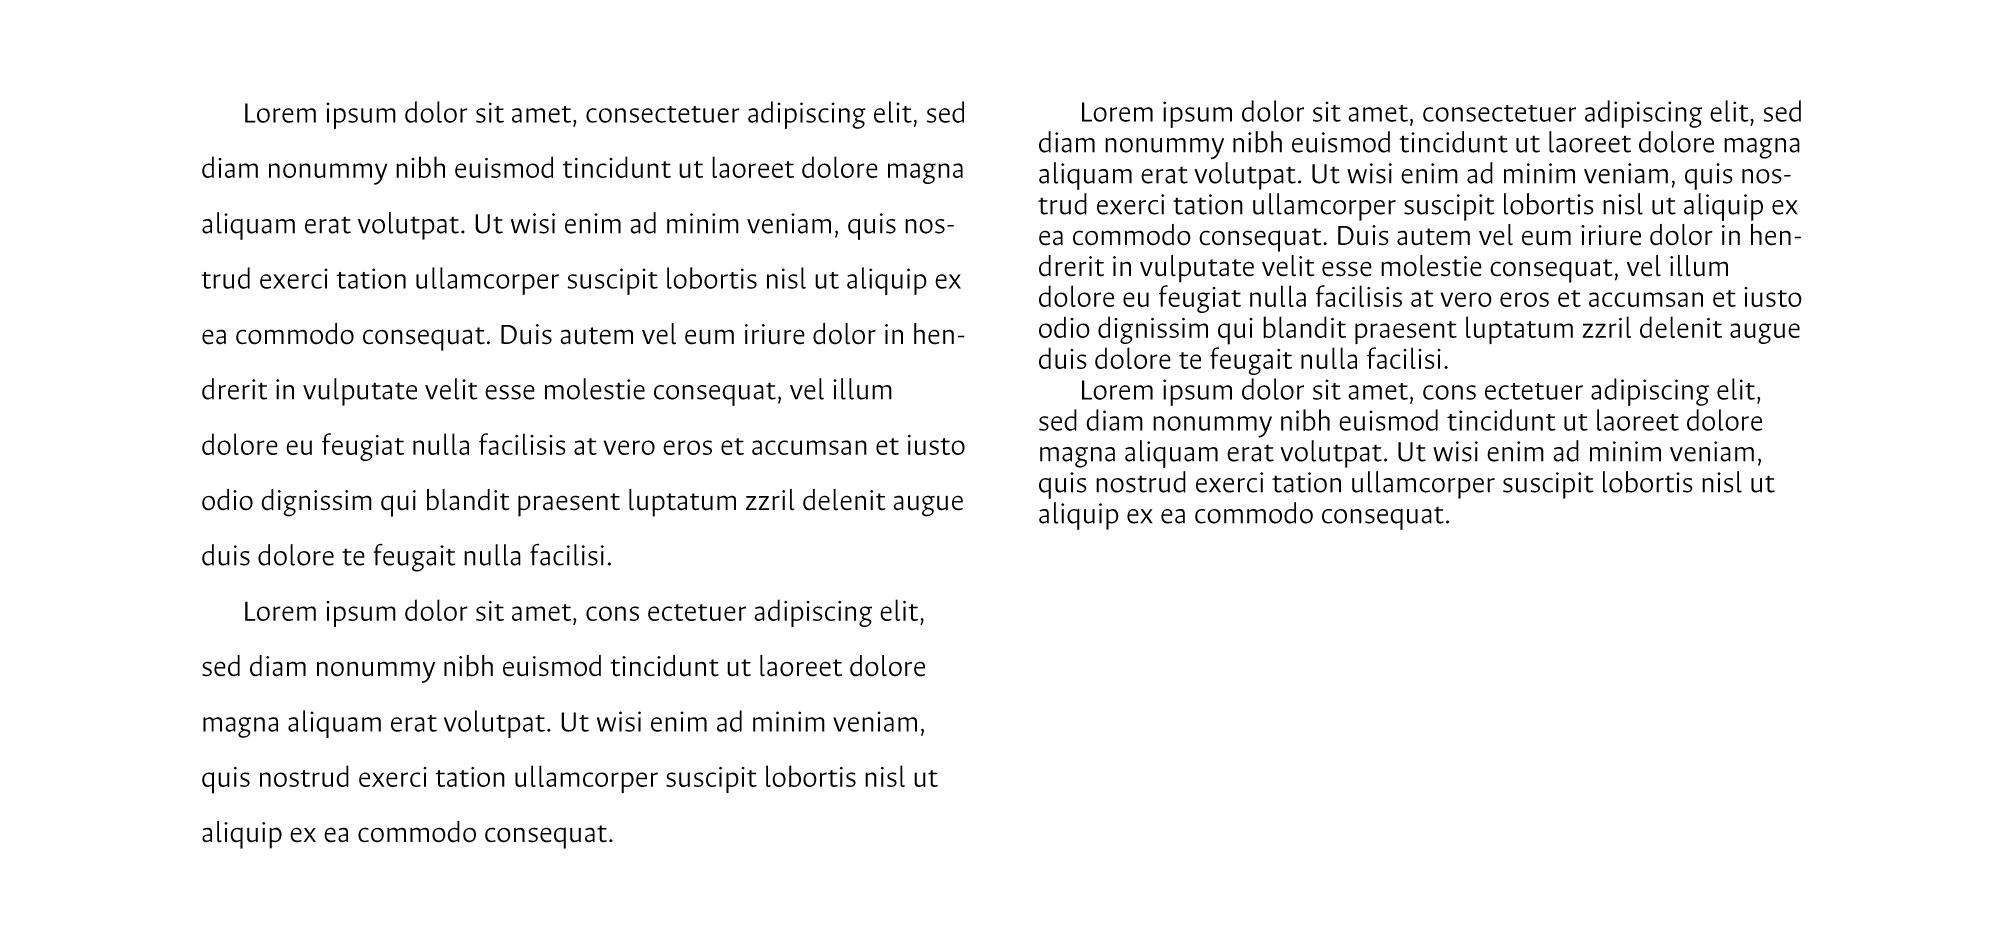 Interlínea demasiado suelta (izquierda) y demasiado apretada (derecha) para texto corrido